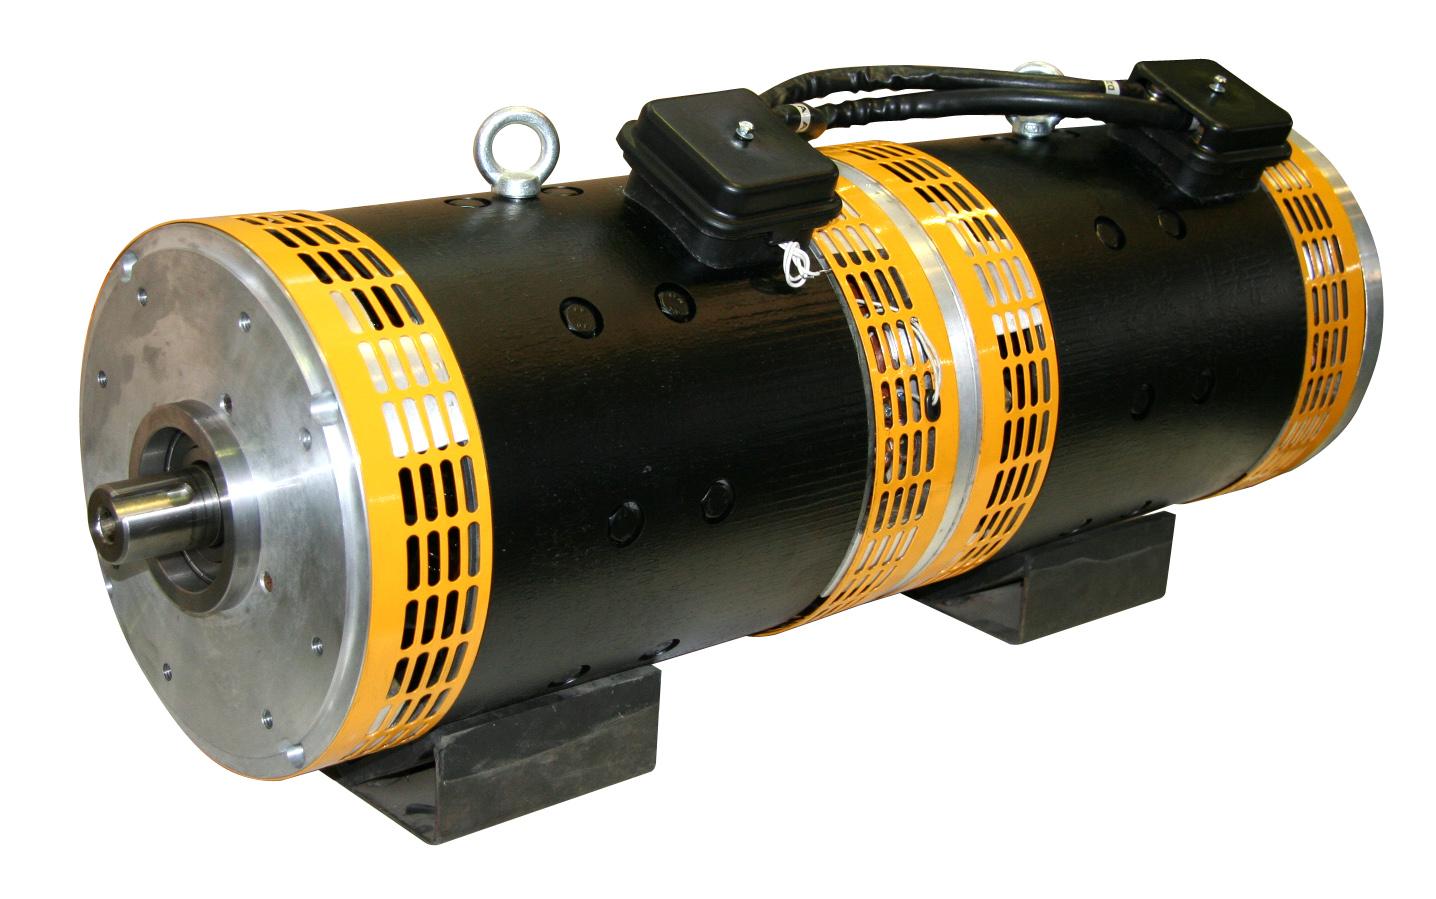 K11 dual ev motors kostov motors for Ac or dc motor for electric car